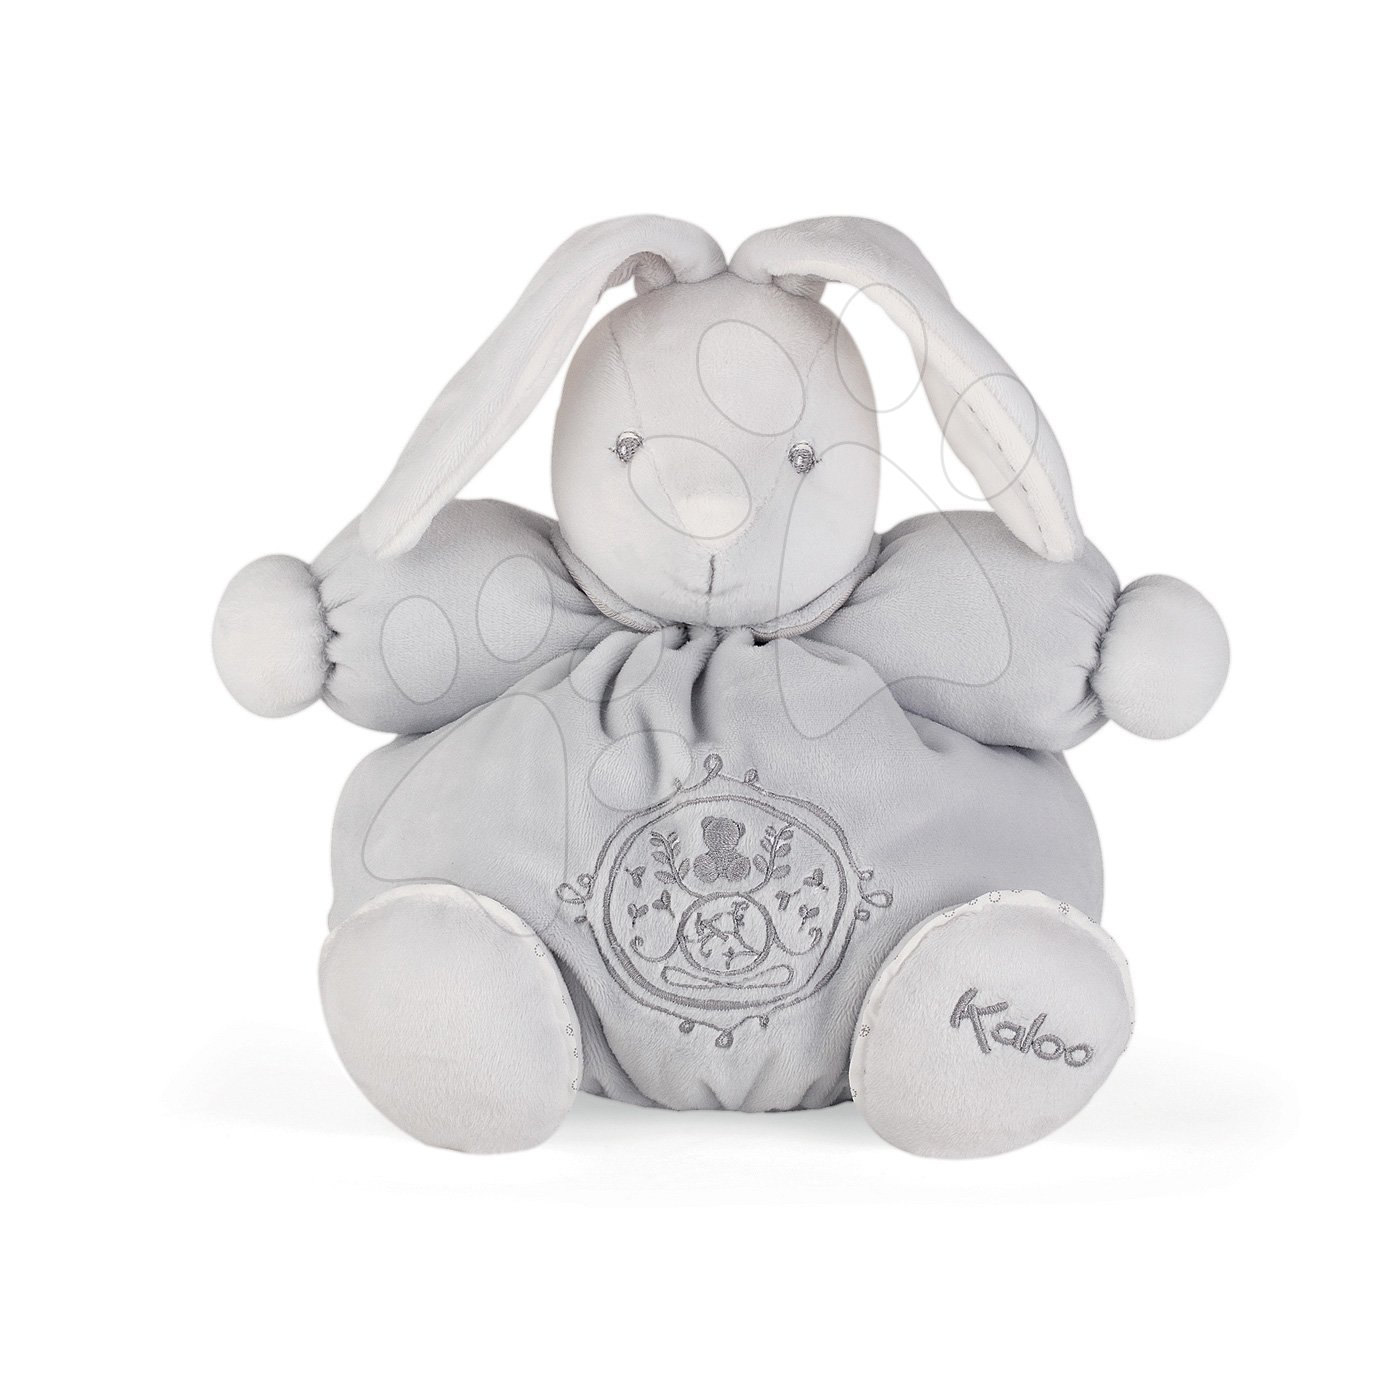 Plyšový zajačik Perle Chubby Kaloo 25 cm v darčekovej krabičke šedý